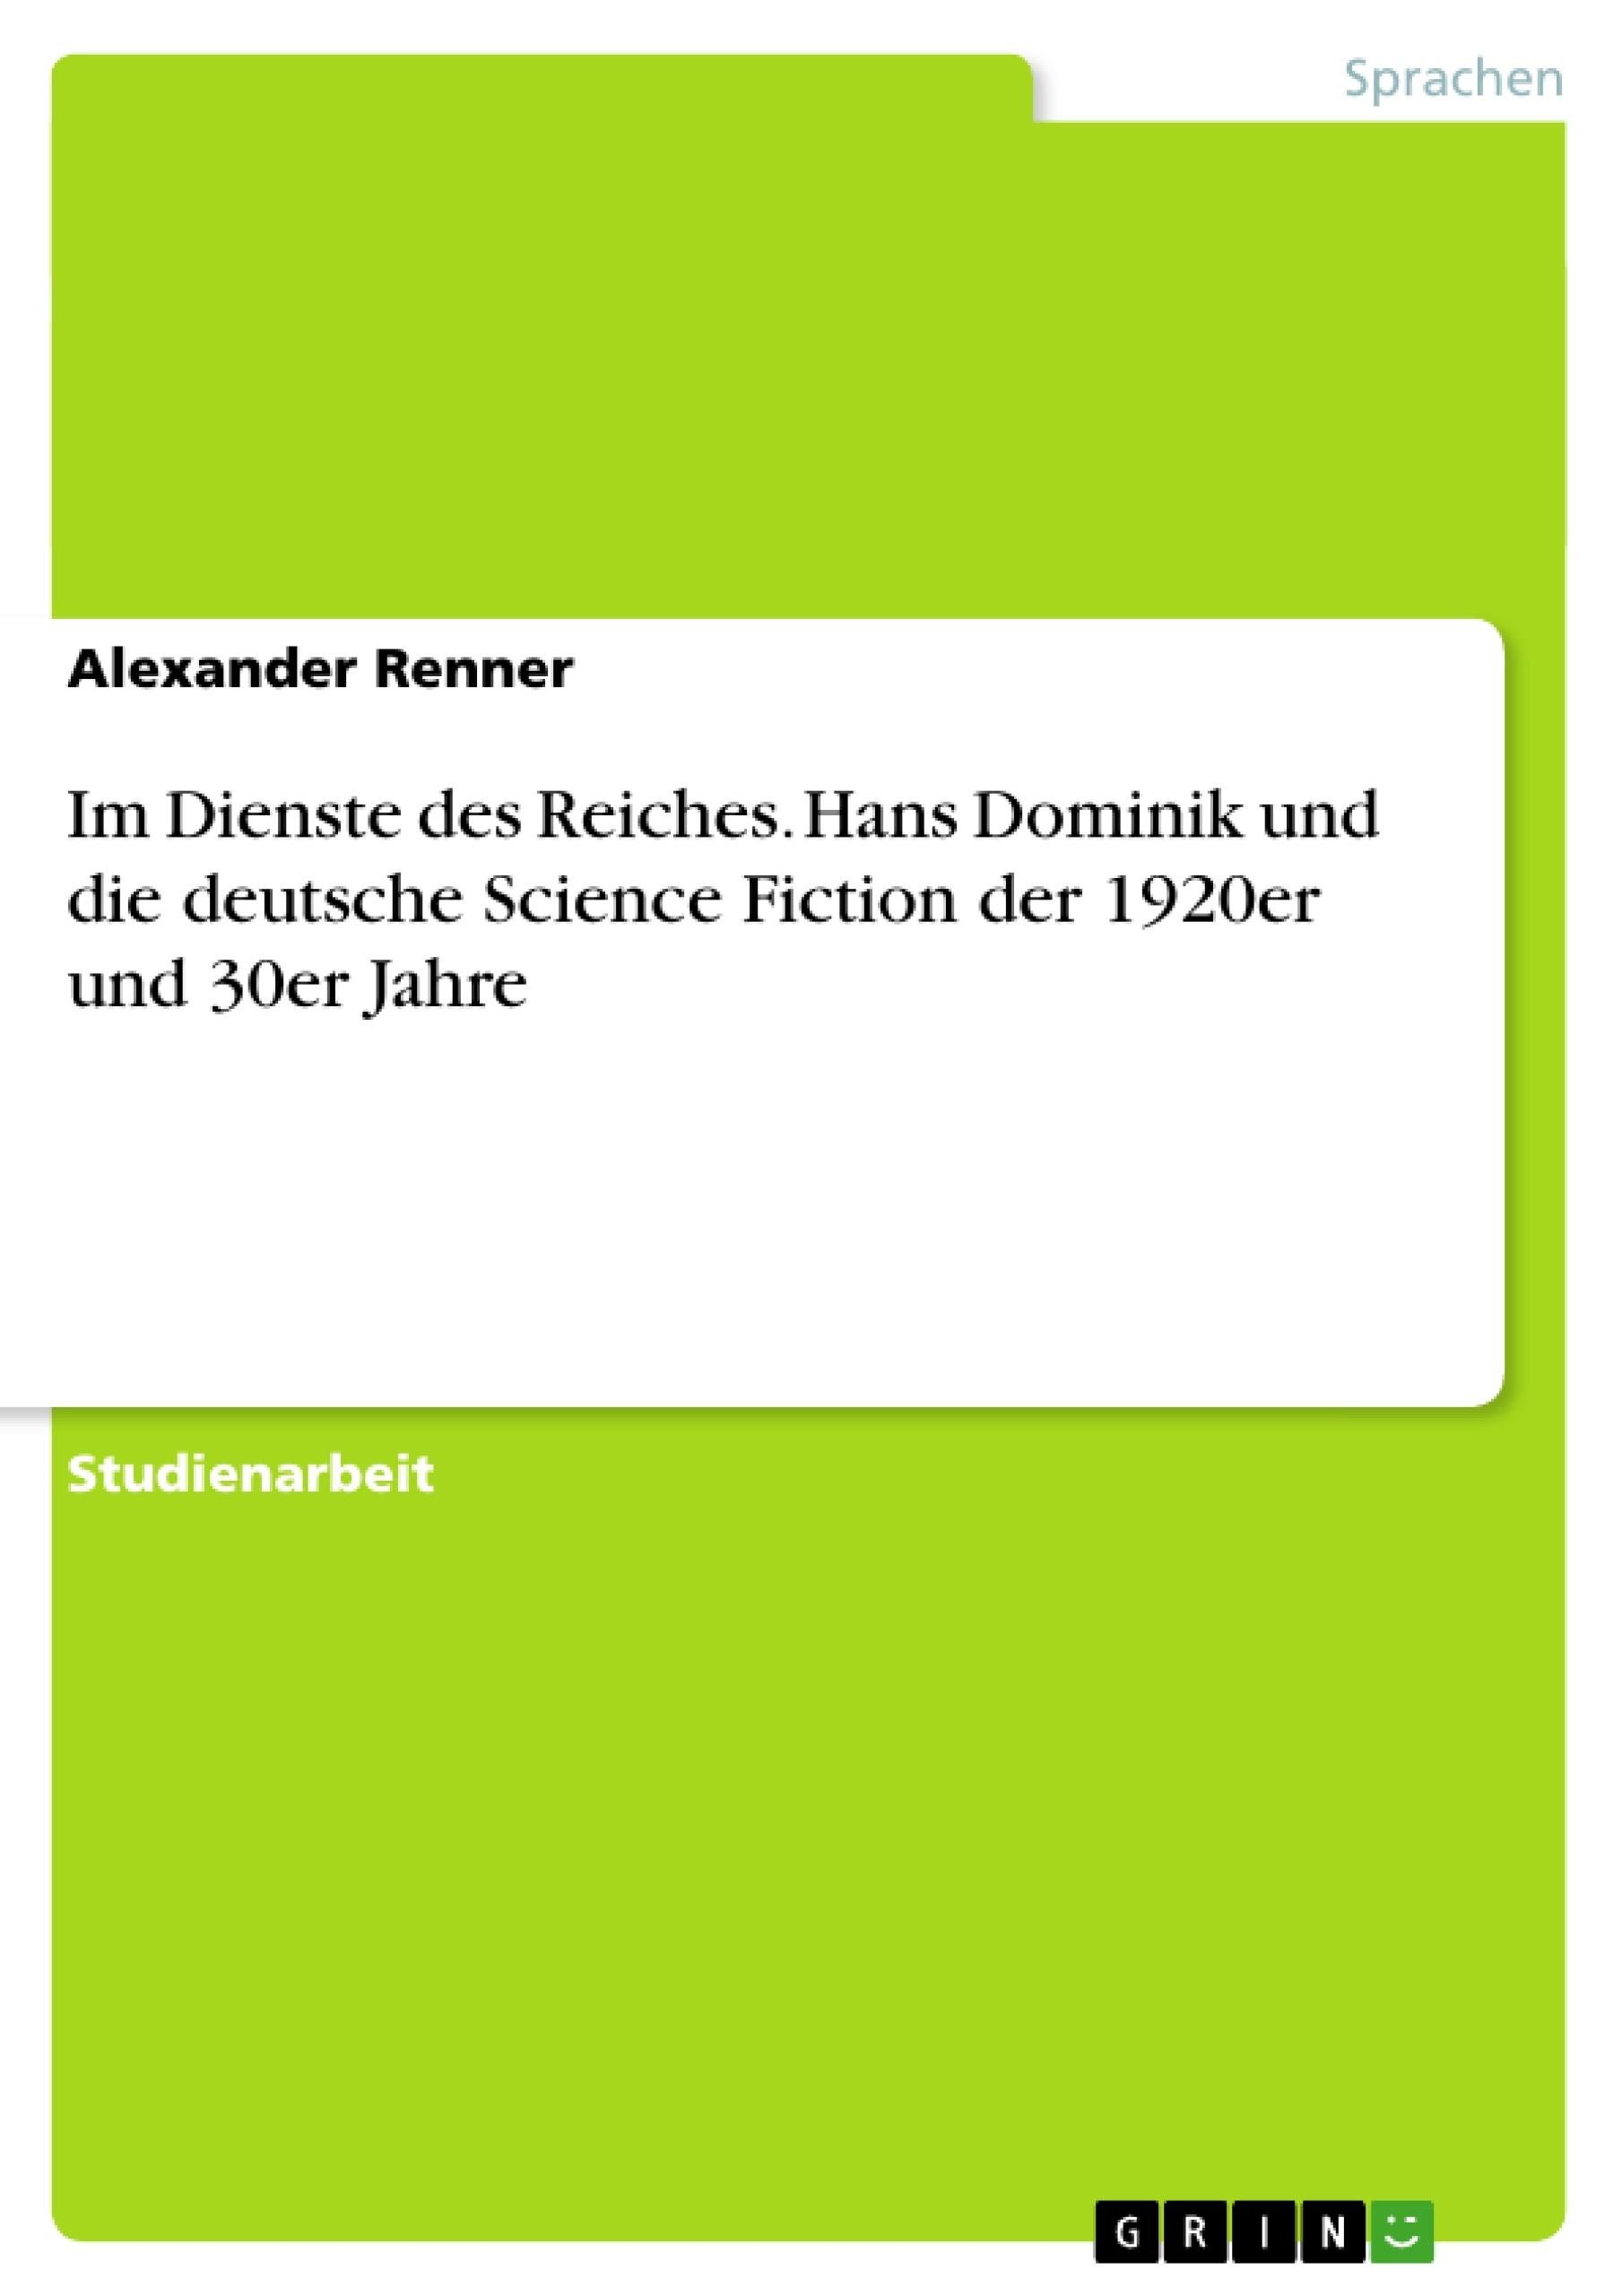 Titel: Im Dienste des Reiches. Hans Dominik und die deutsche Science Fiction der 1920er und 30er Jahre